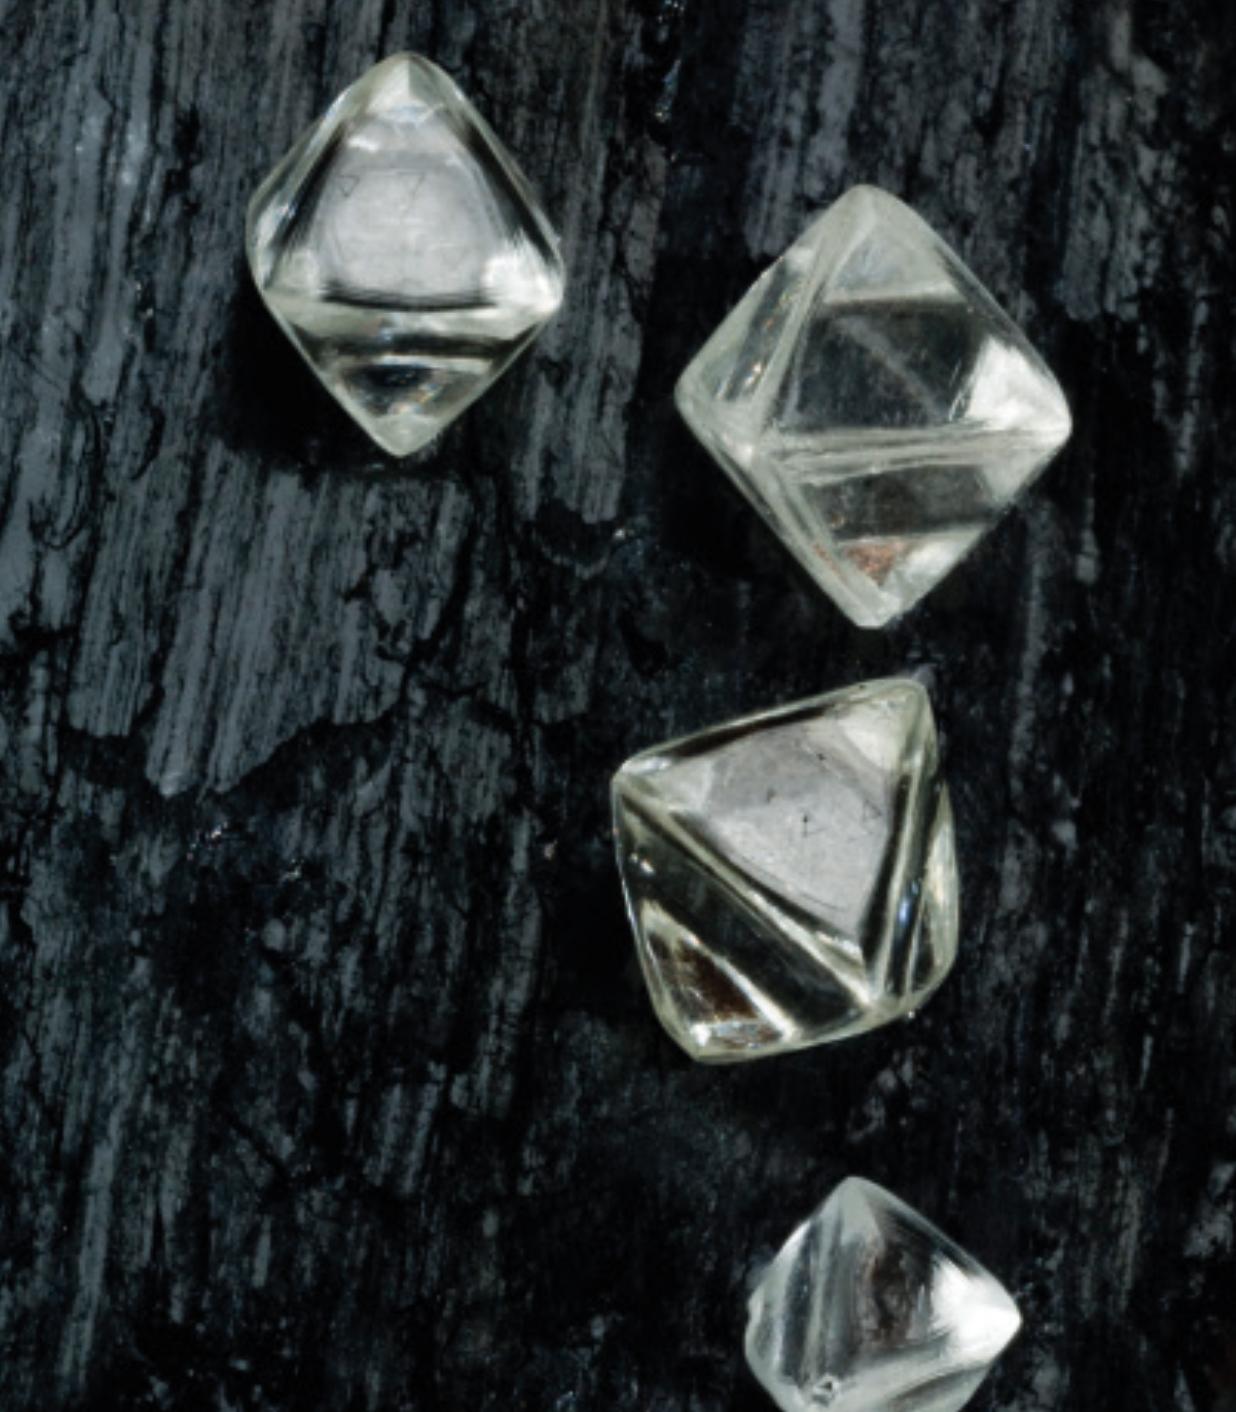 Rohdiamanten von Forevermark auf einer Holzplanke